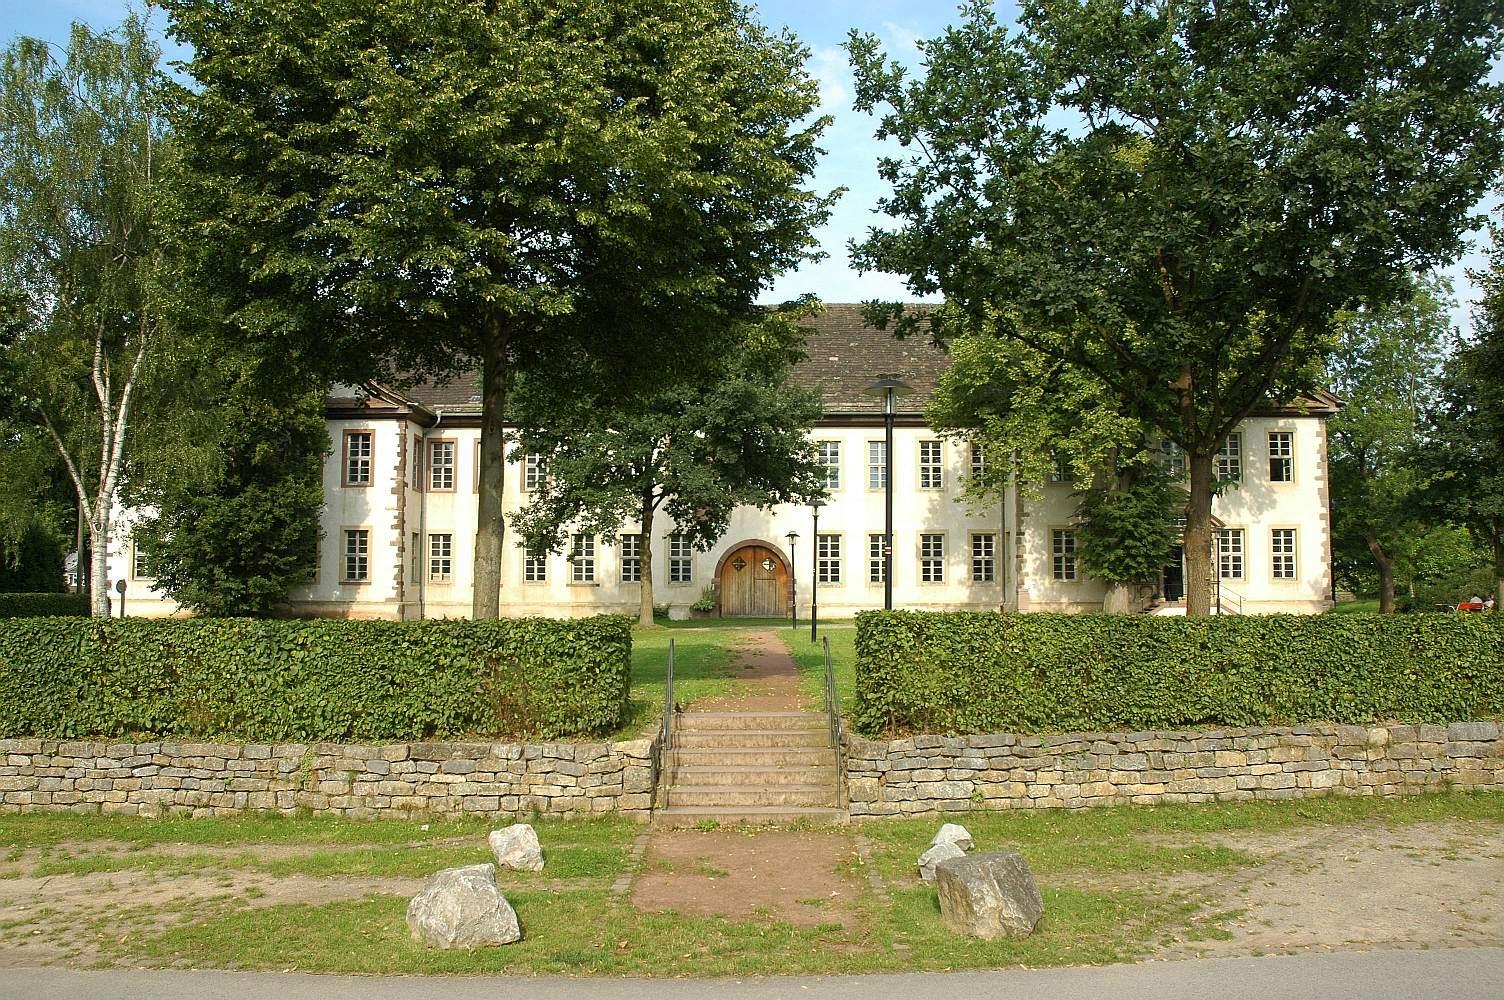 Bild Koptisches Kloster Höxter